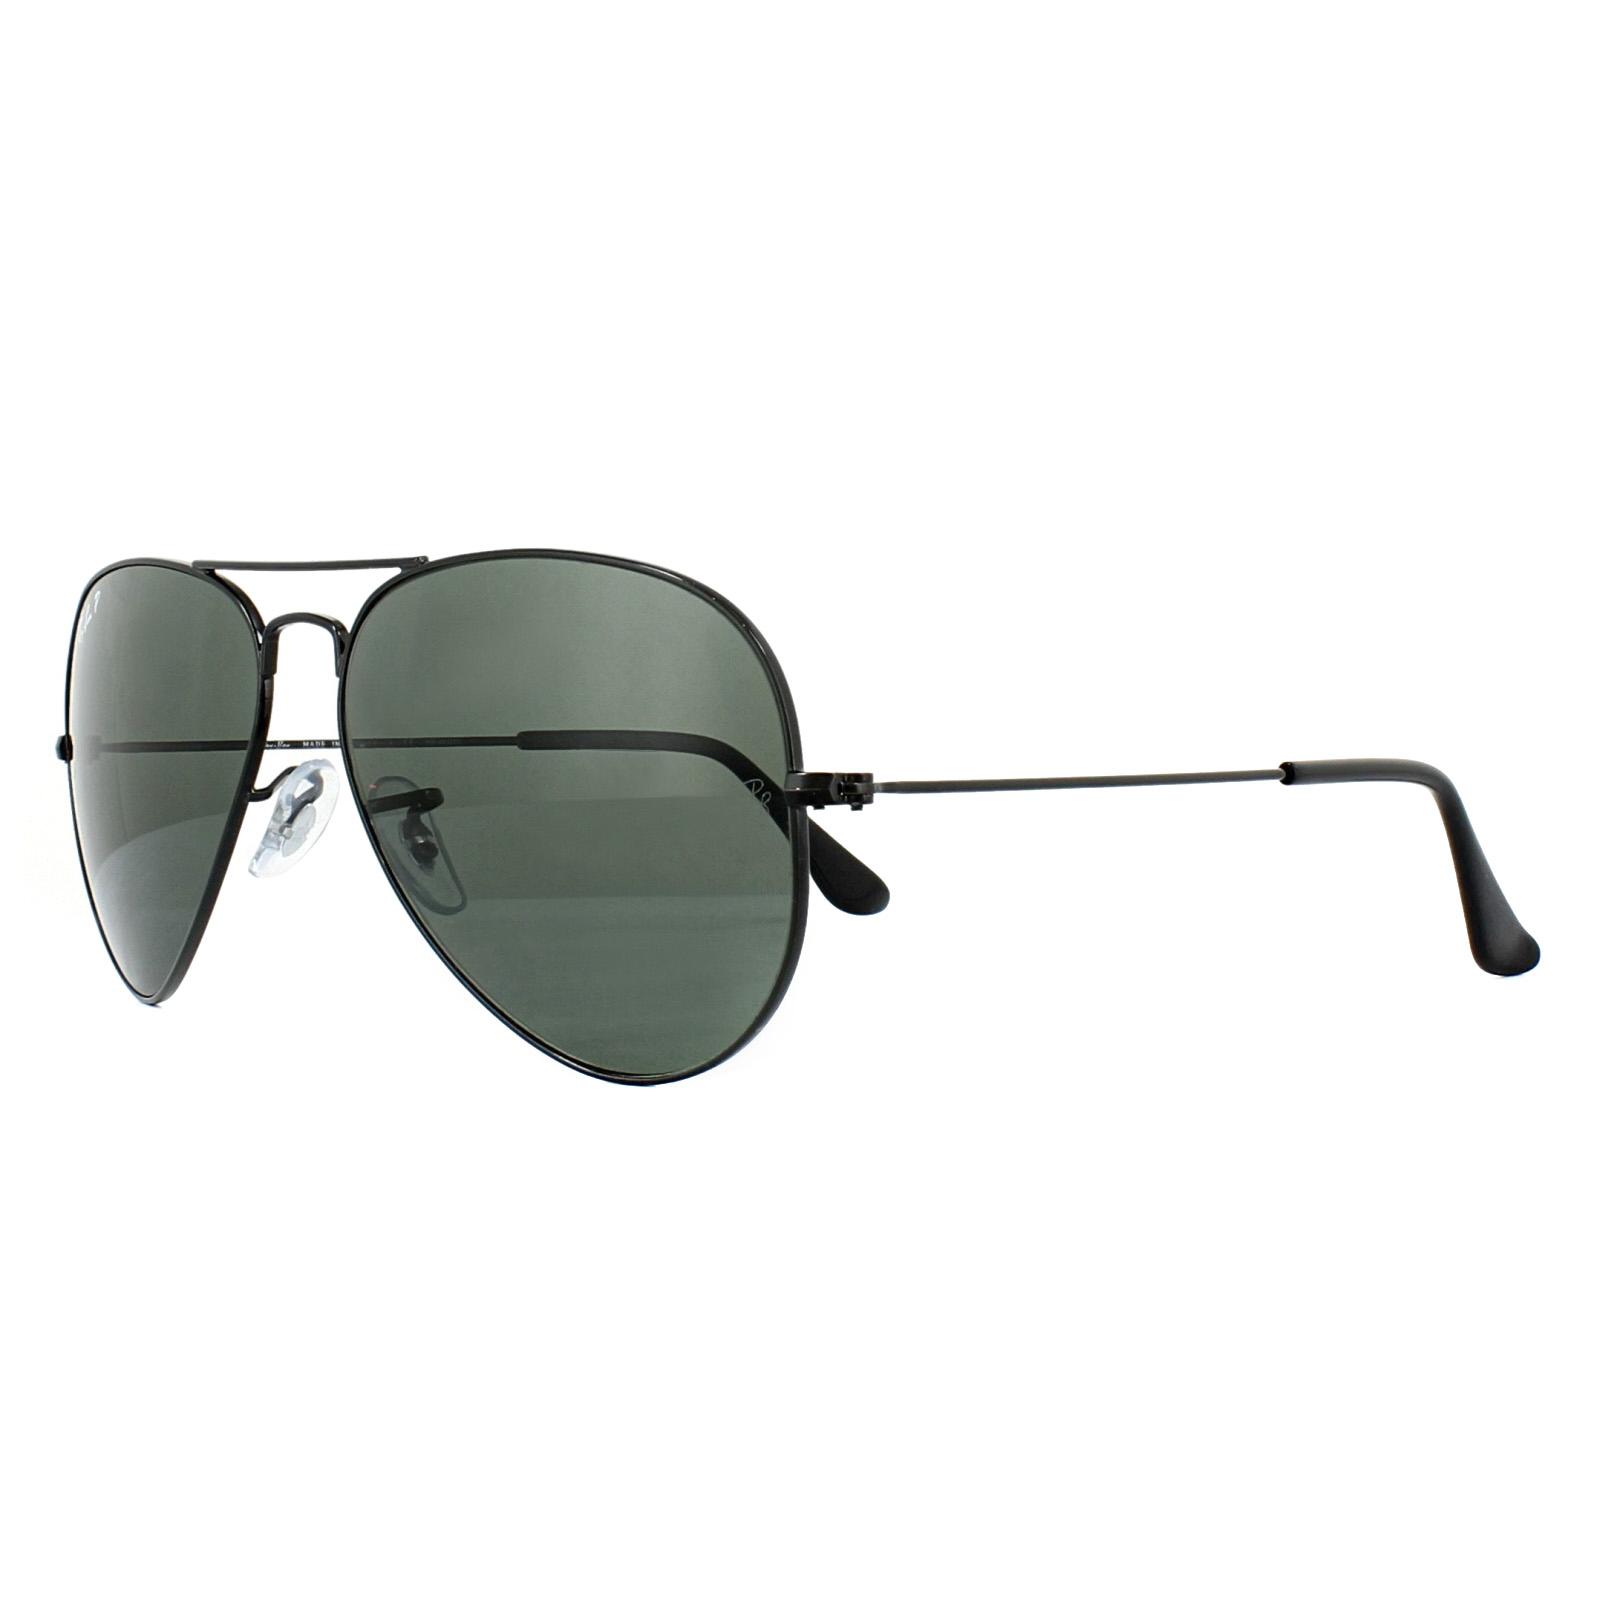 bdb653941b Sentinel Ray-Ban Sunglasses Aviator 3025 002 58 Black Green Polarized Medium  58mm